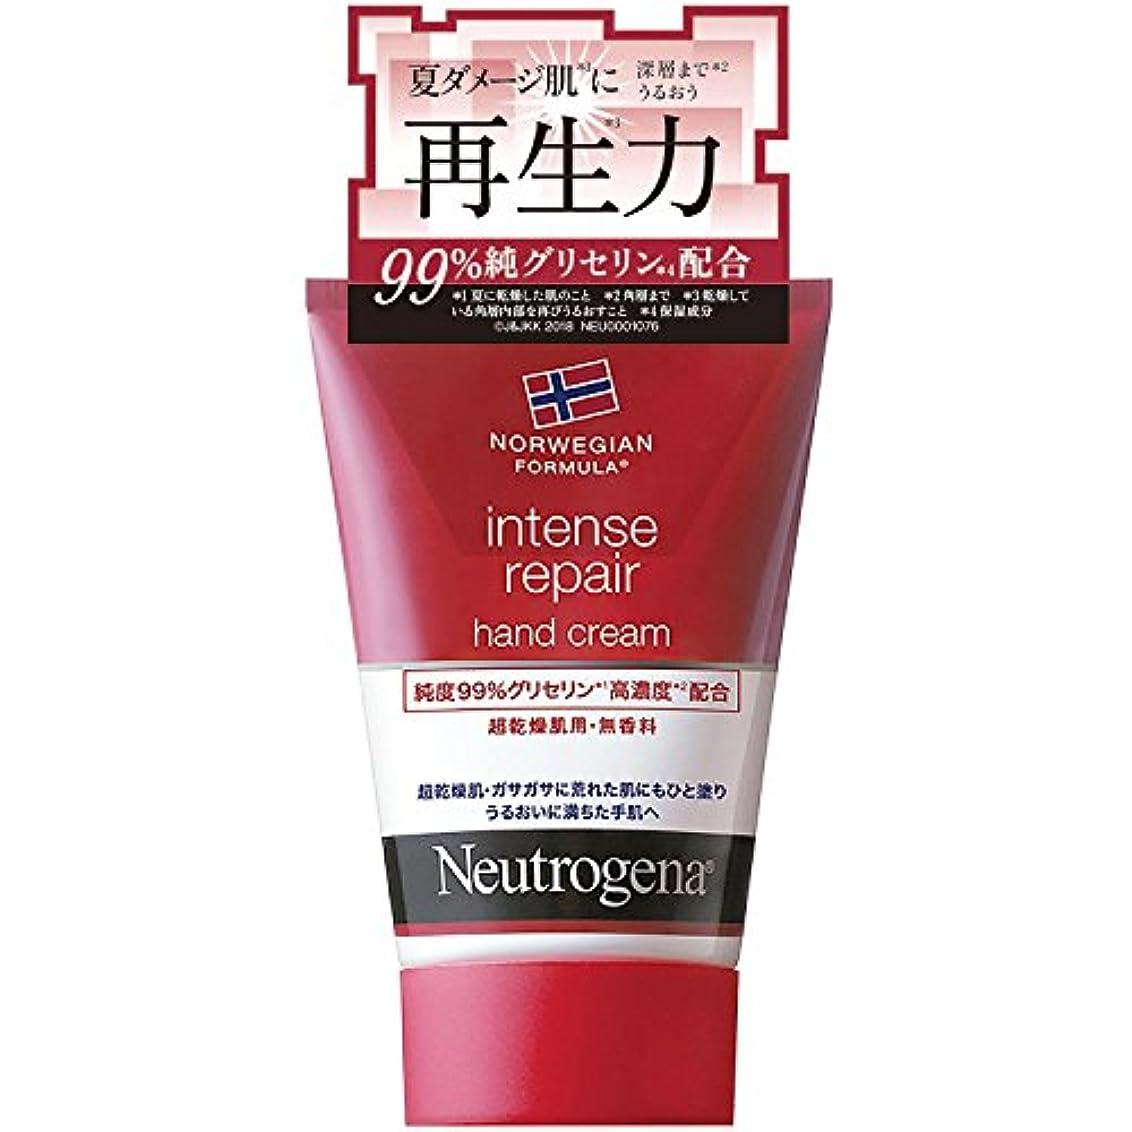 転送周囲平和Neutrogena(ニュートロジーナ) ノルウェーフォーミュラ インテンスリペア ハンドクリーム 超乾燥肌用 無香料 単品 50g